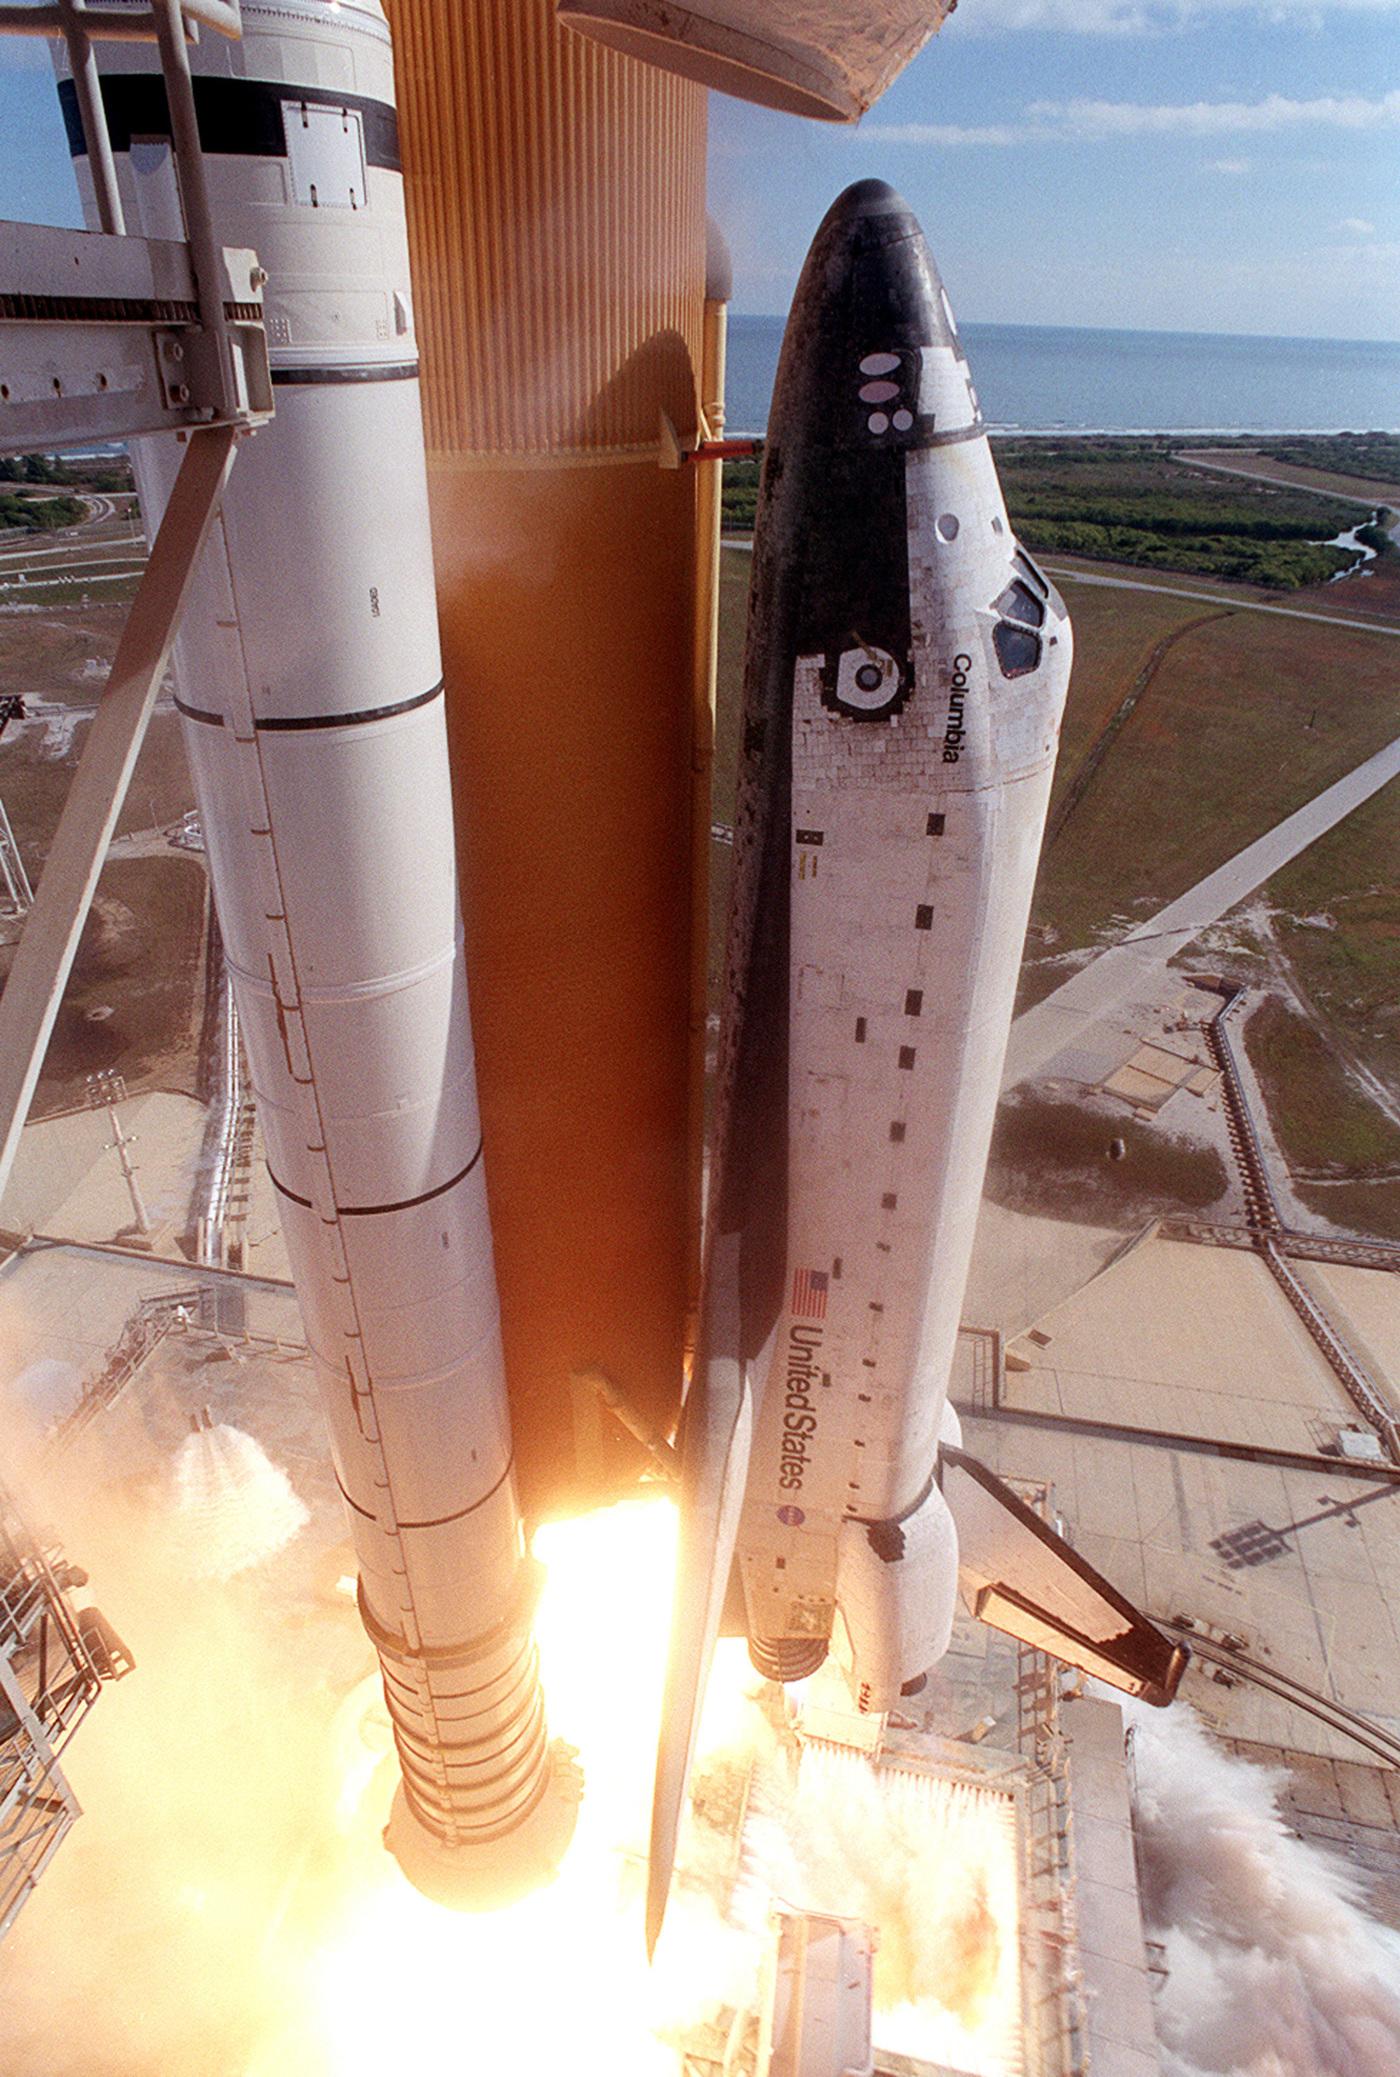 space shuttle landing failure - photo #10